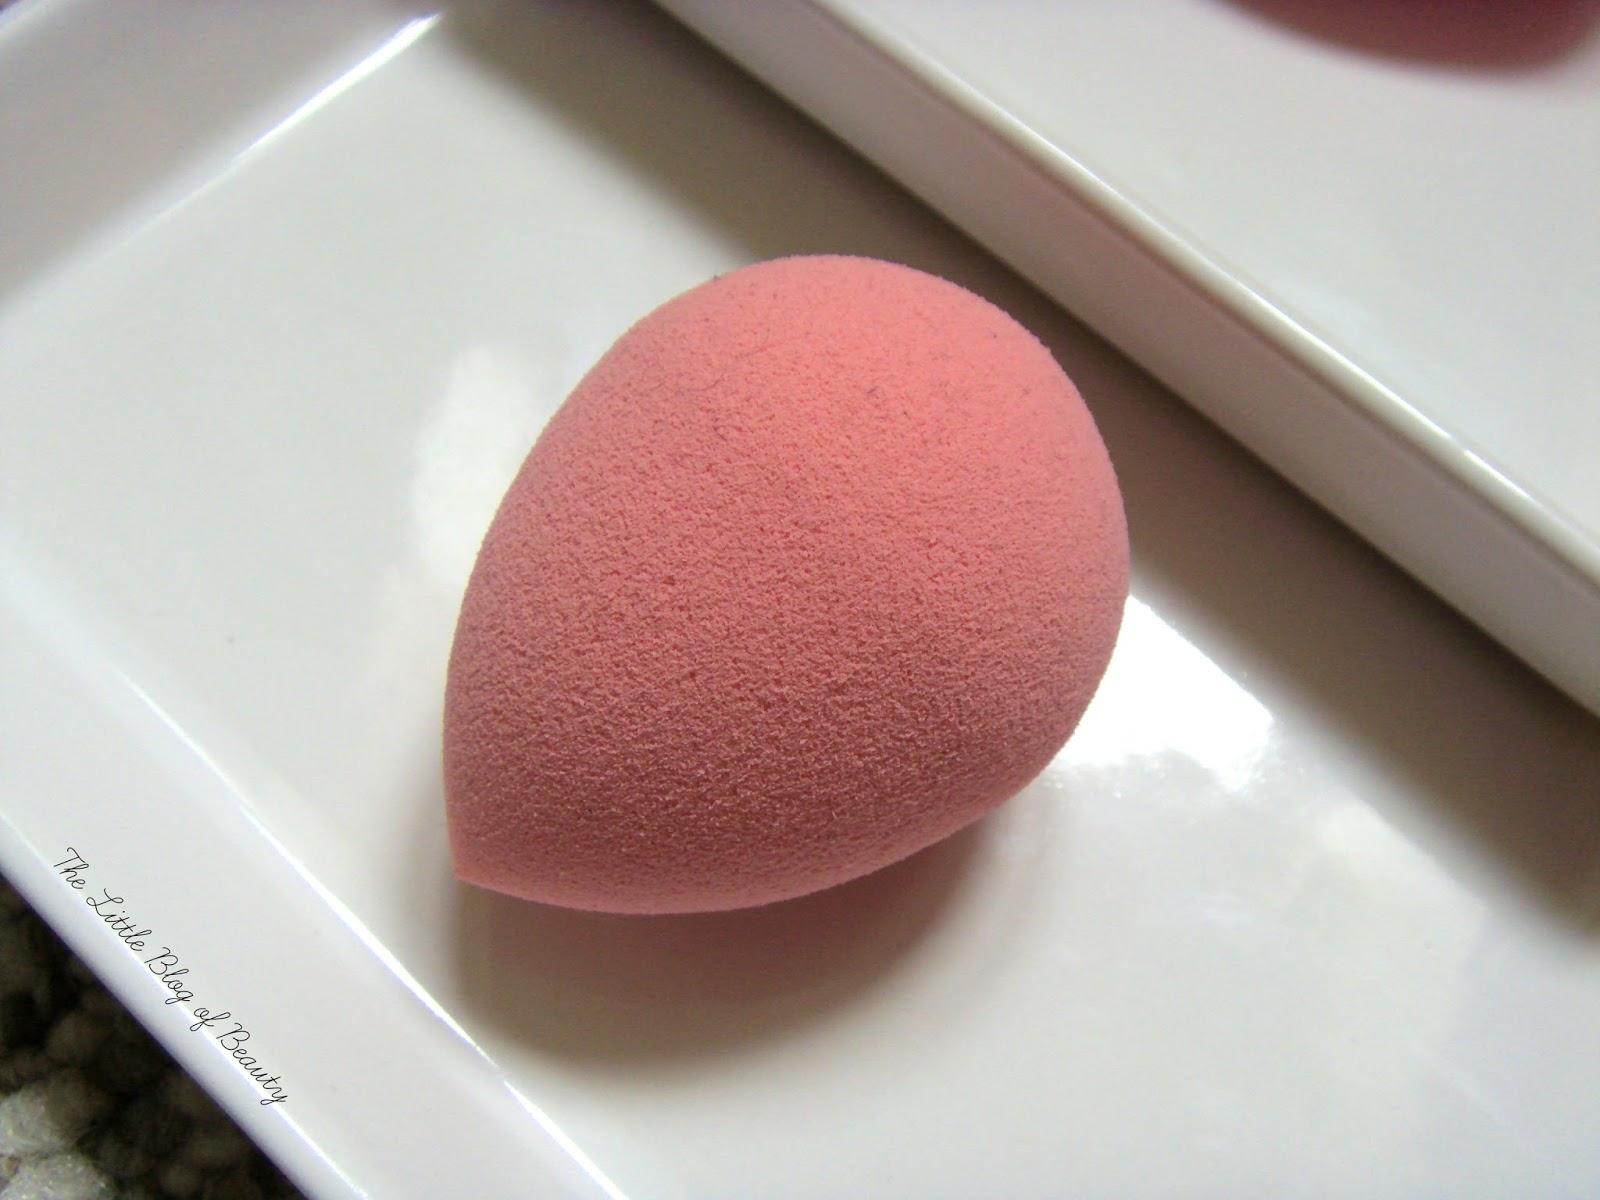 Primark makeup sponge